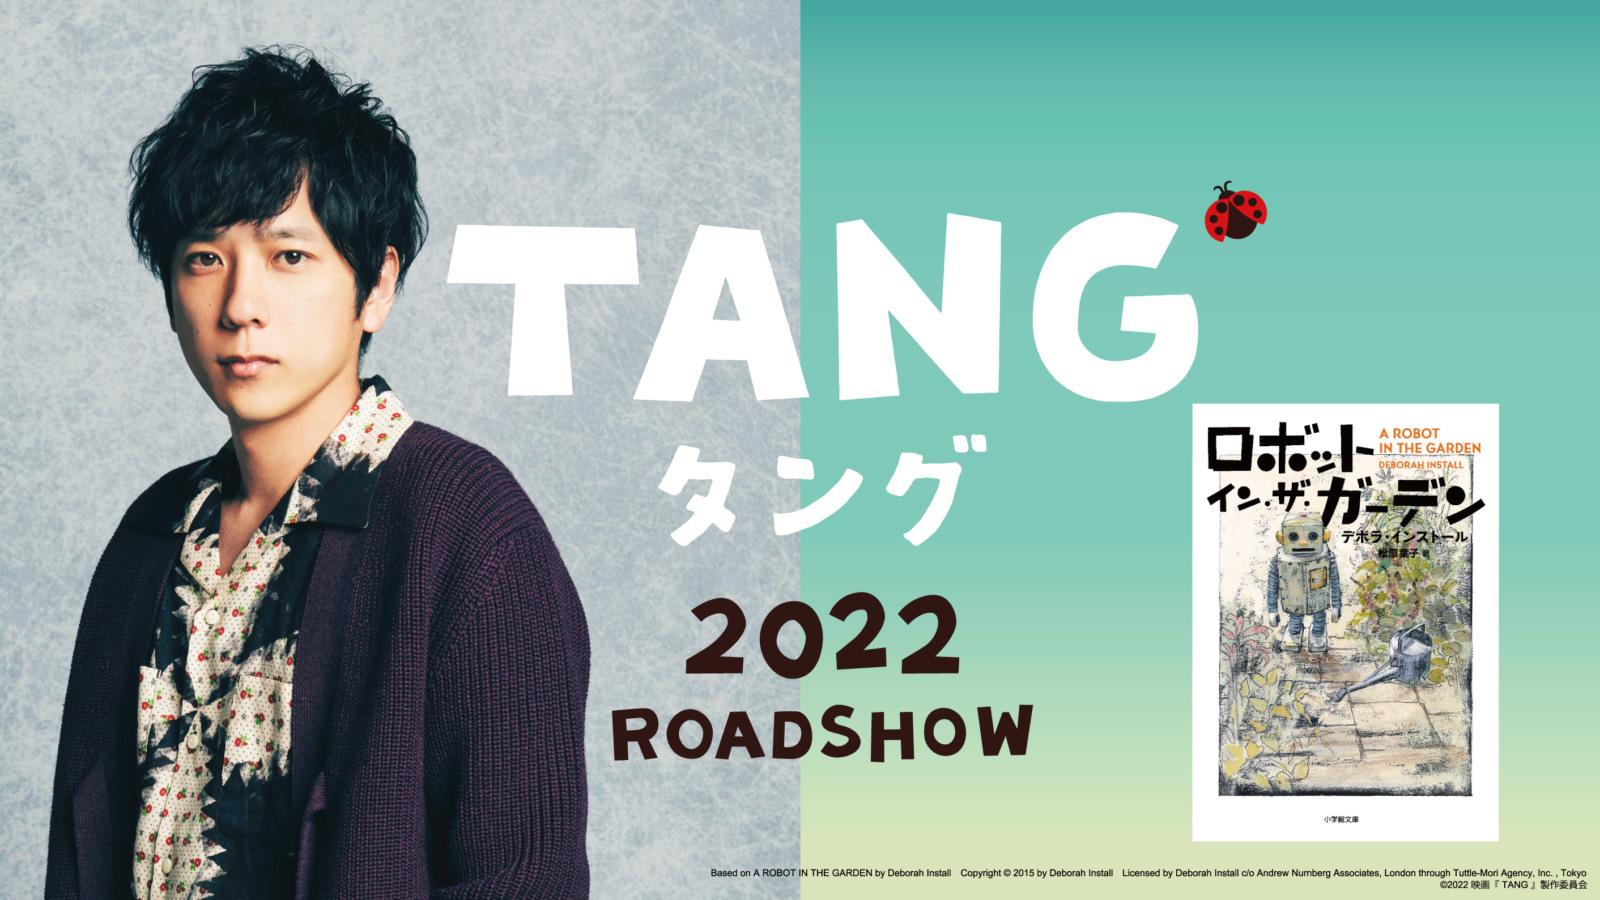 二宮和也 今度の共演は…不良品ロボット!?映画 『TANG タング』映画化&主演キャスト決定 !!